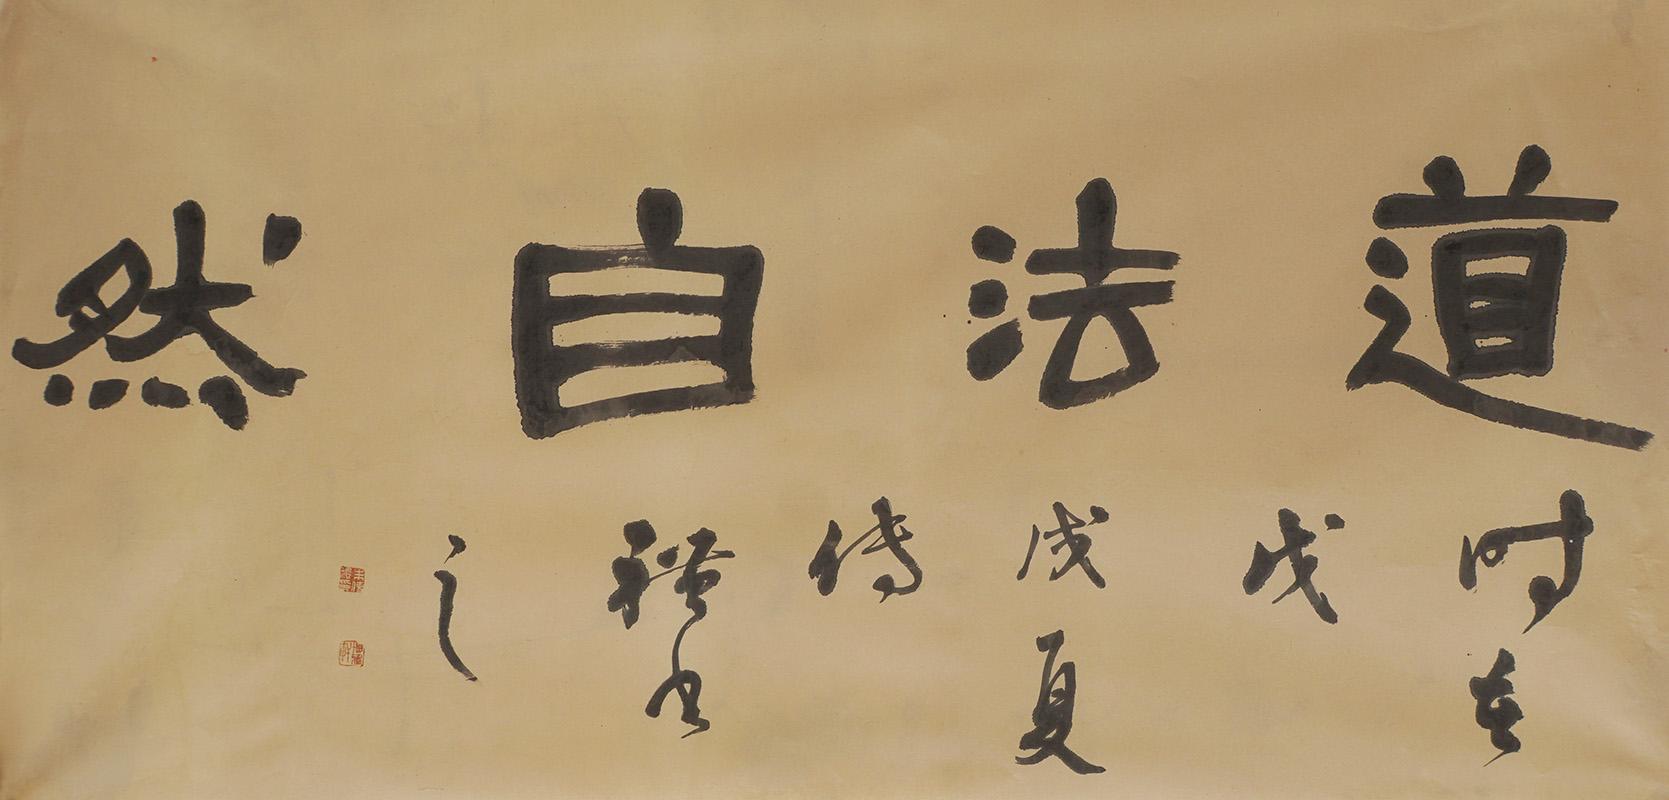 朱传礼作品之一 (2)